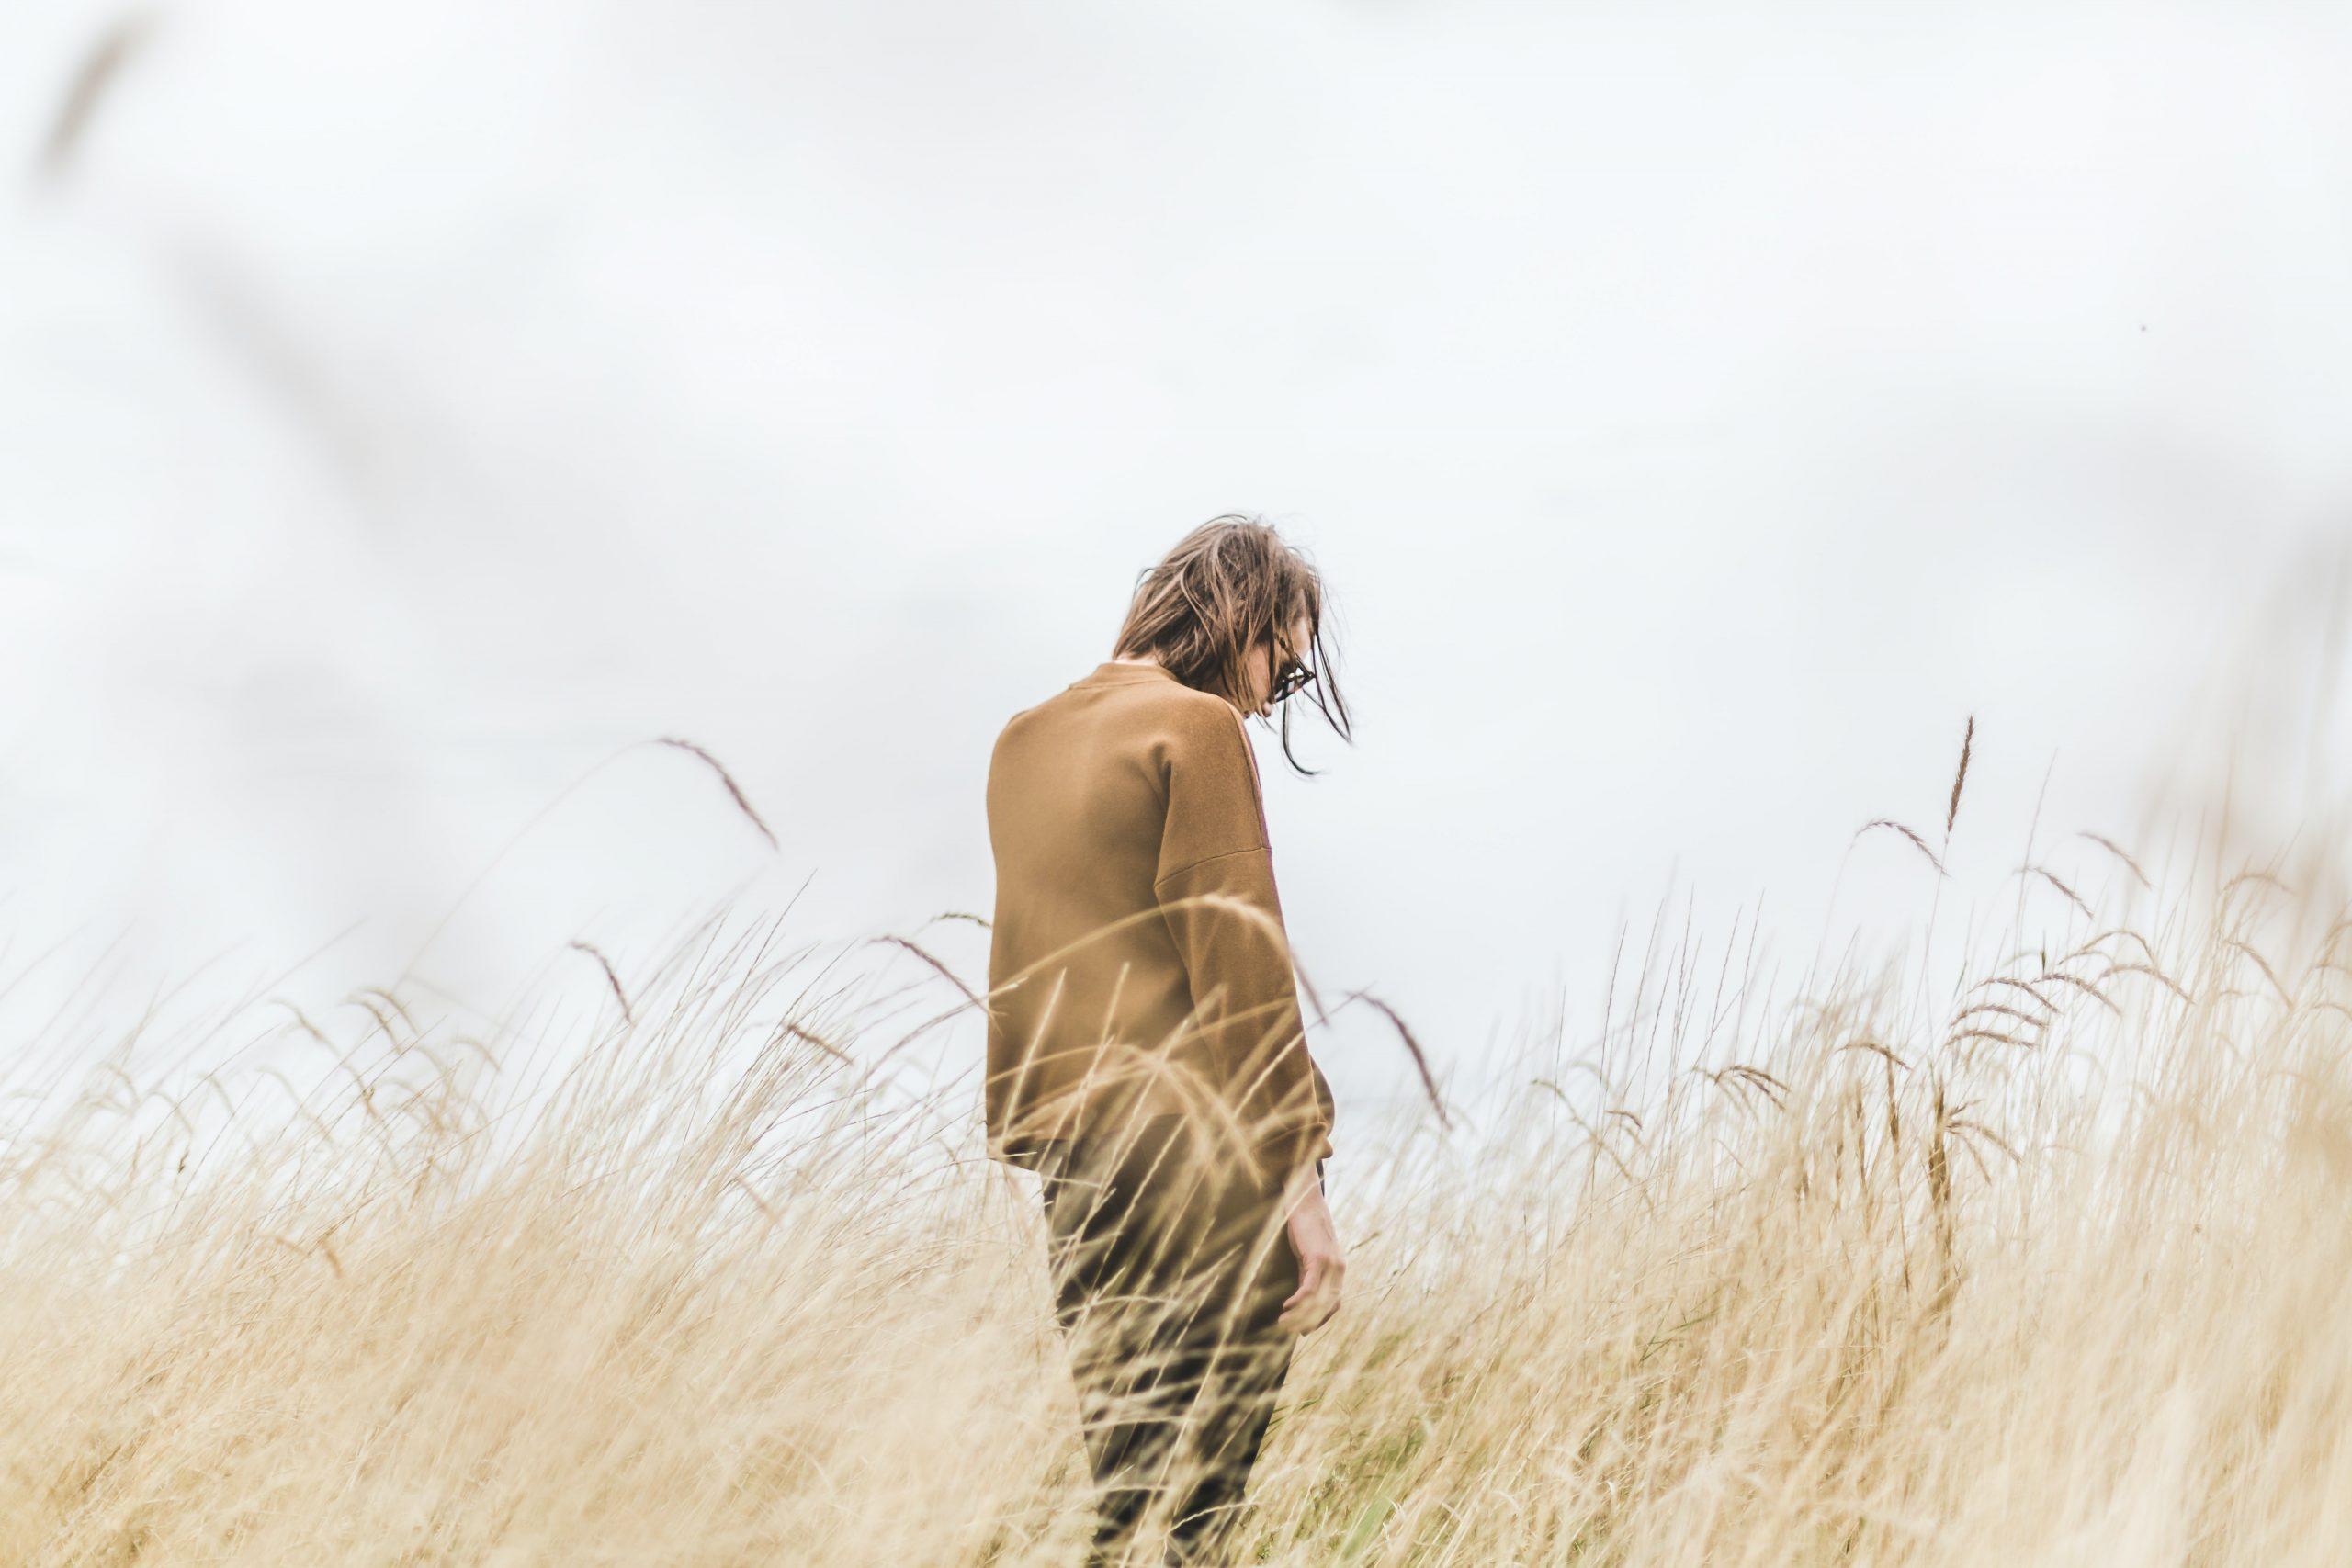 En person står med ryggen mot kameran i högt gult gräs